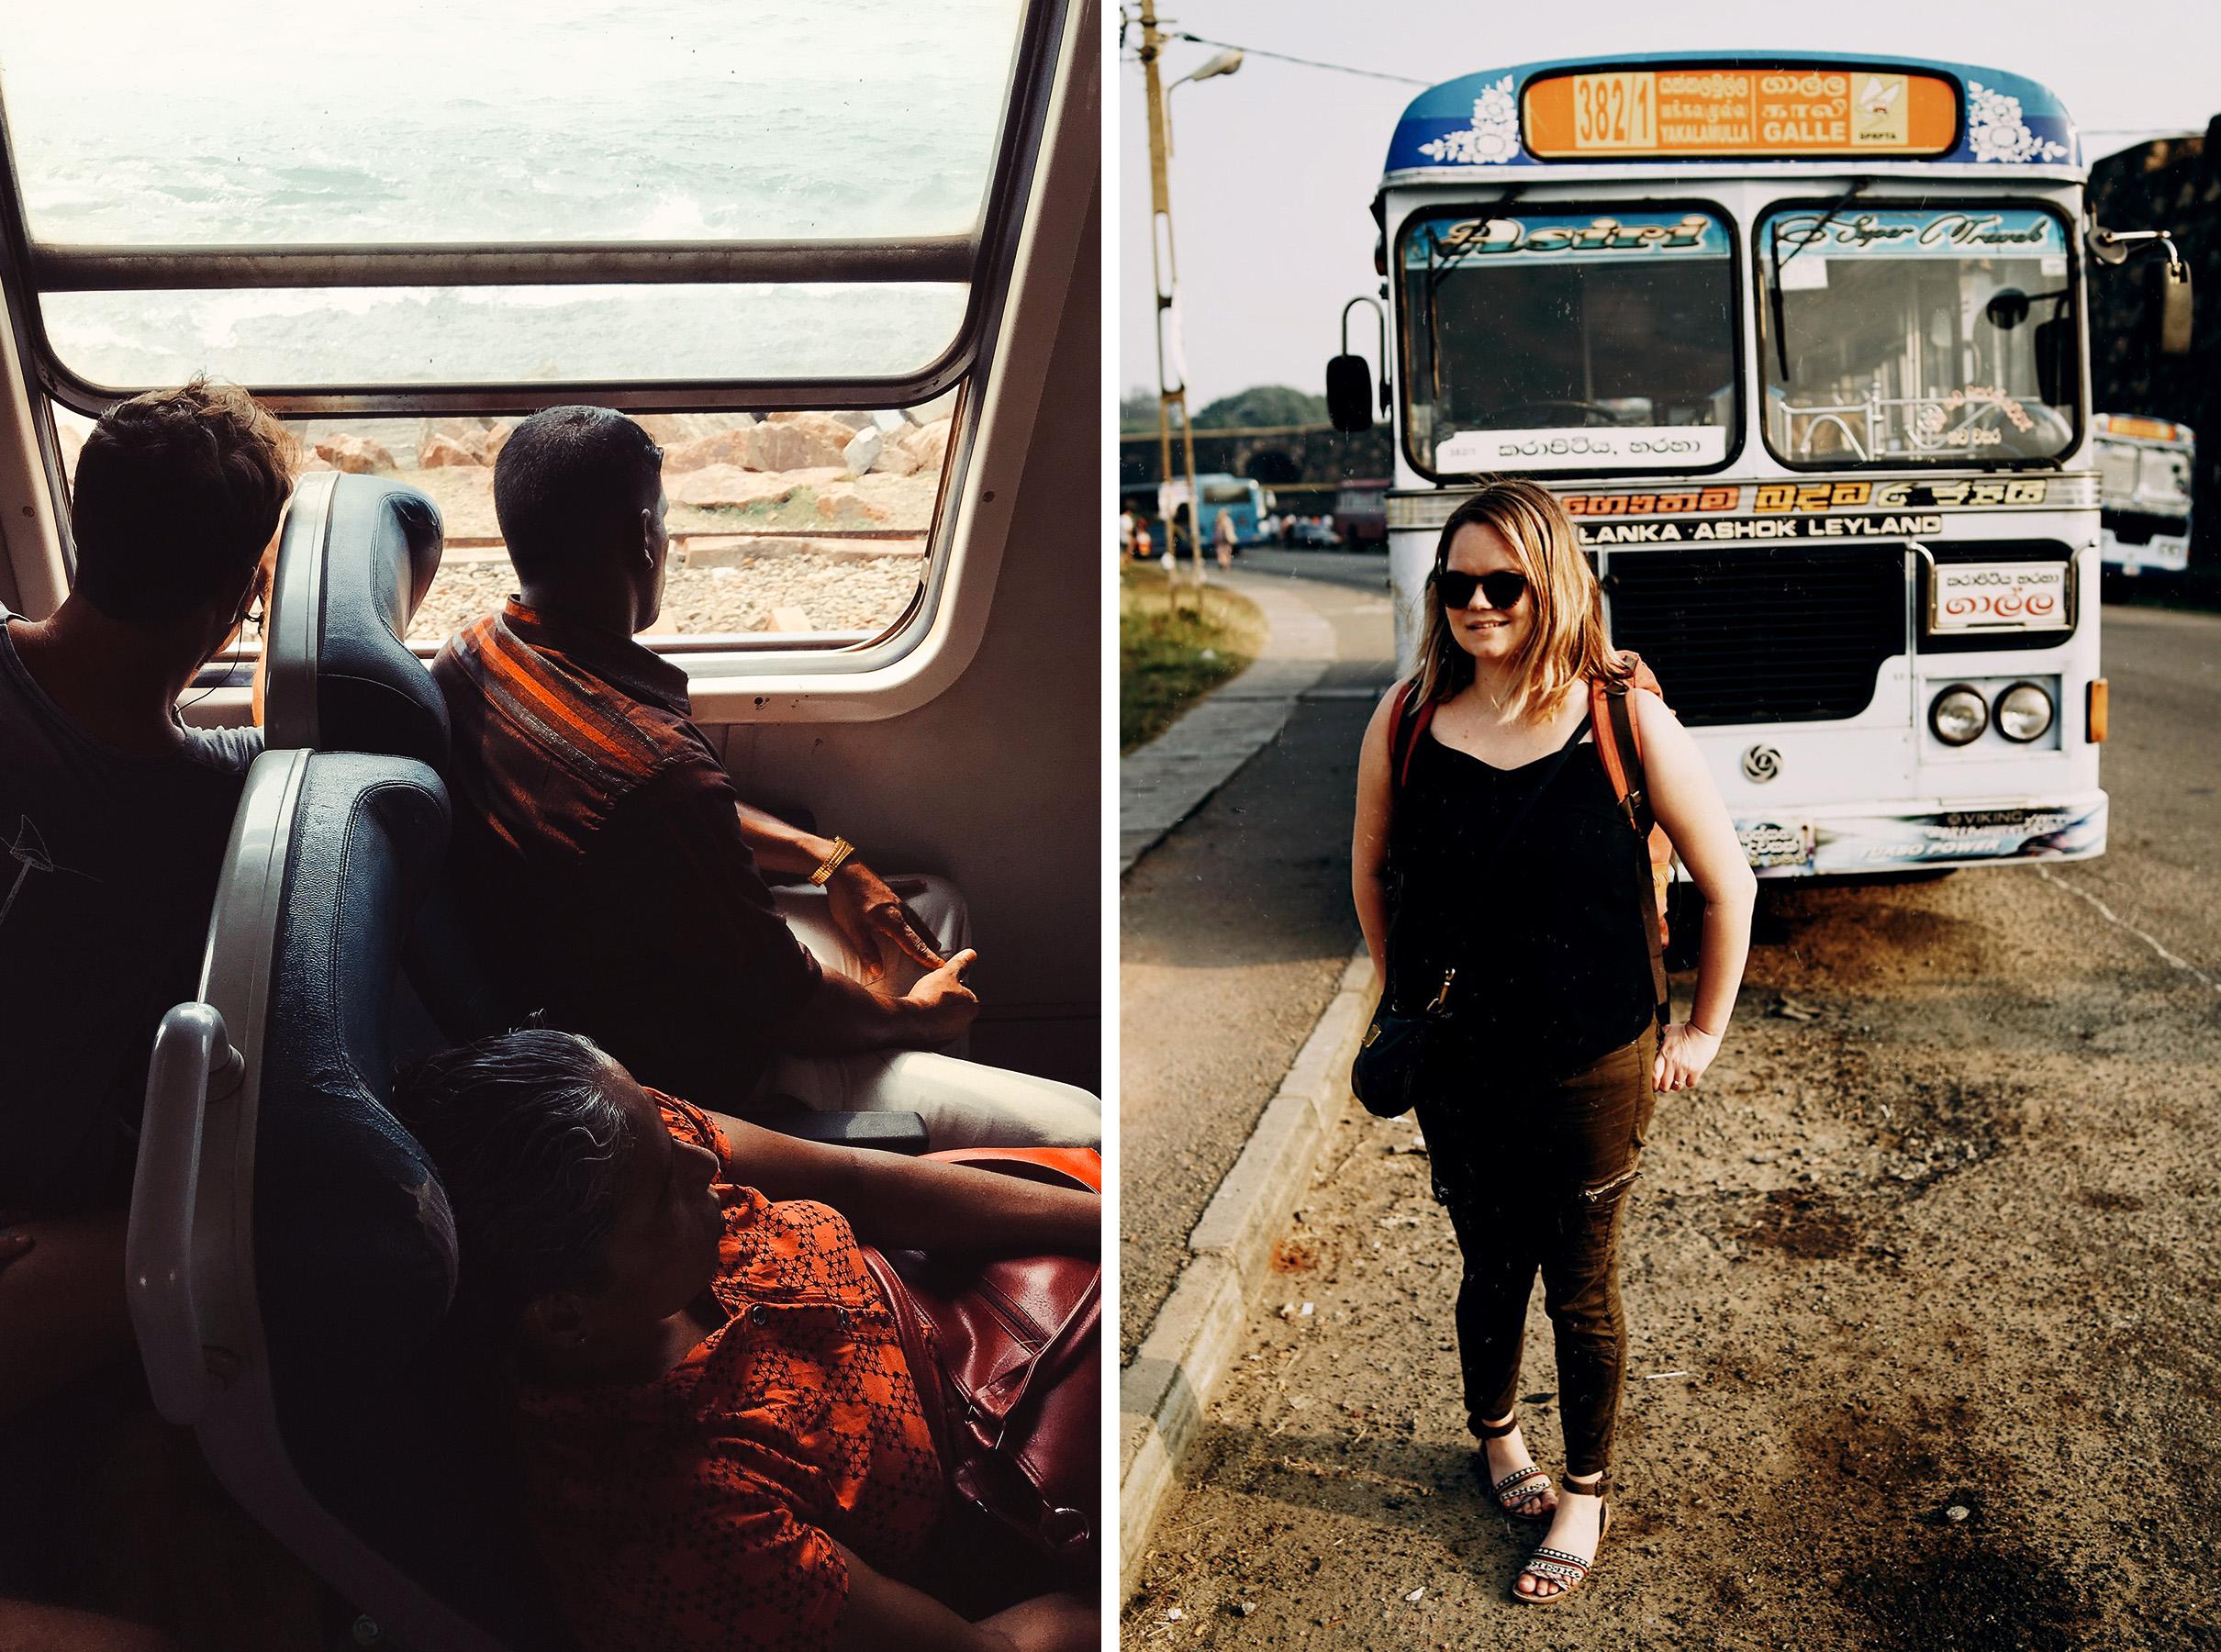 junabusse.jpg